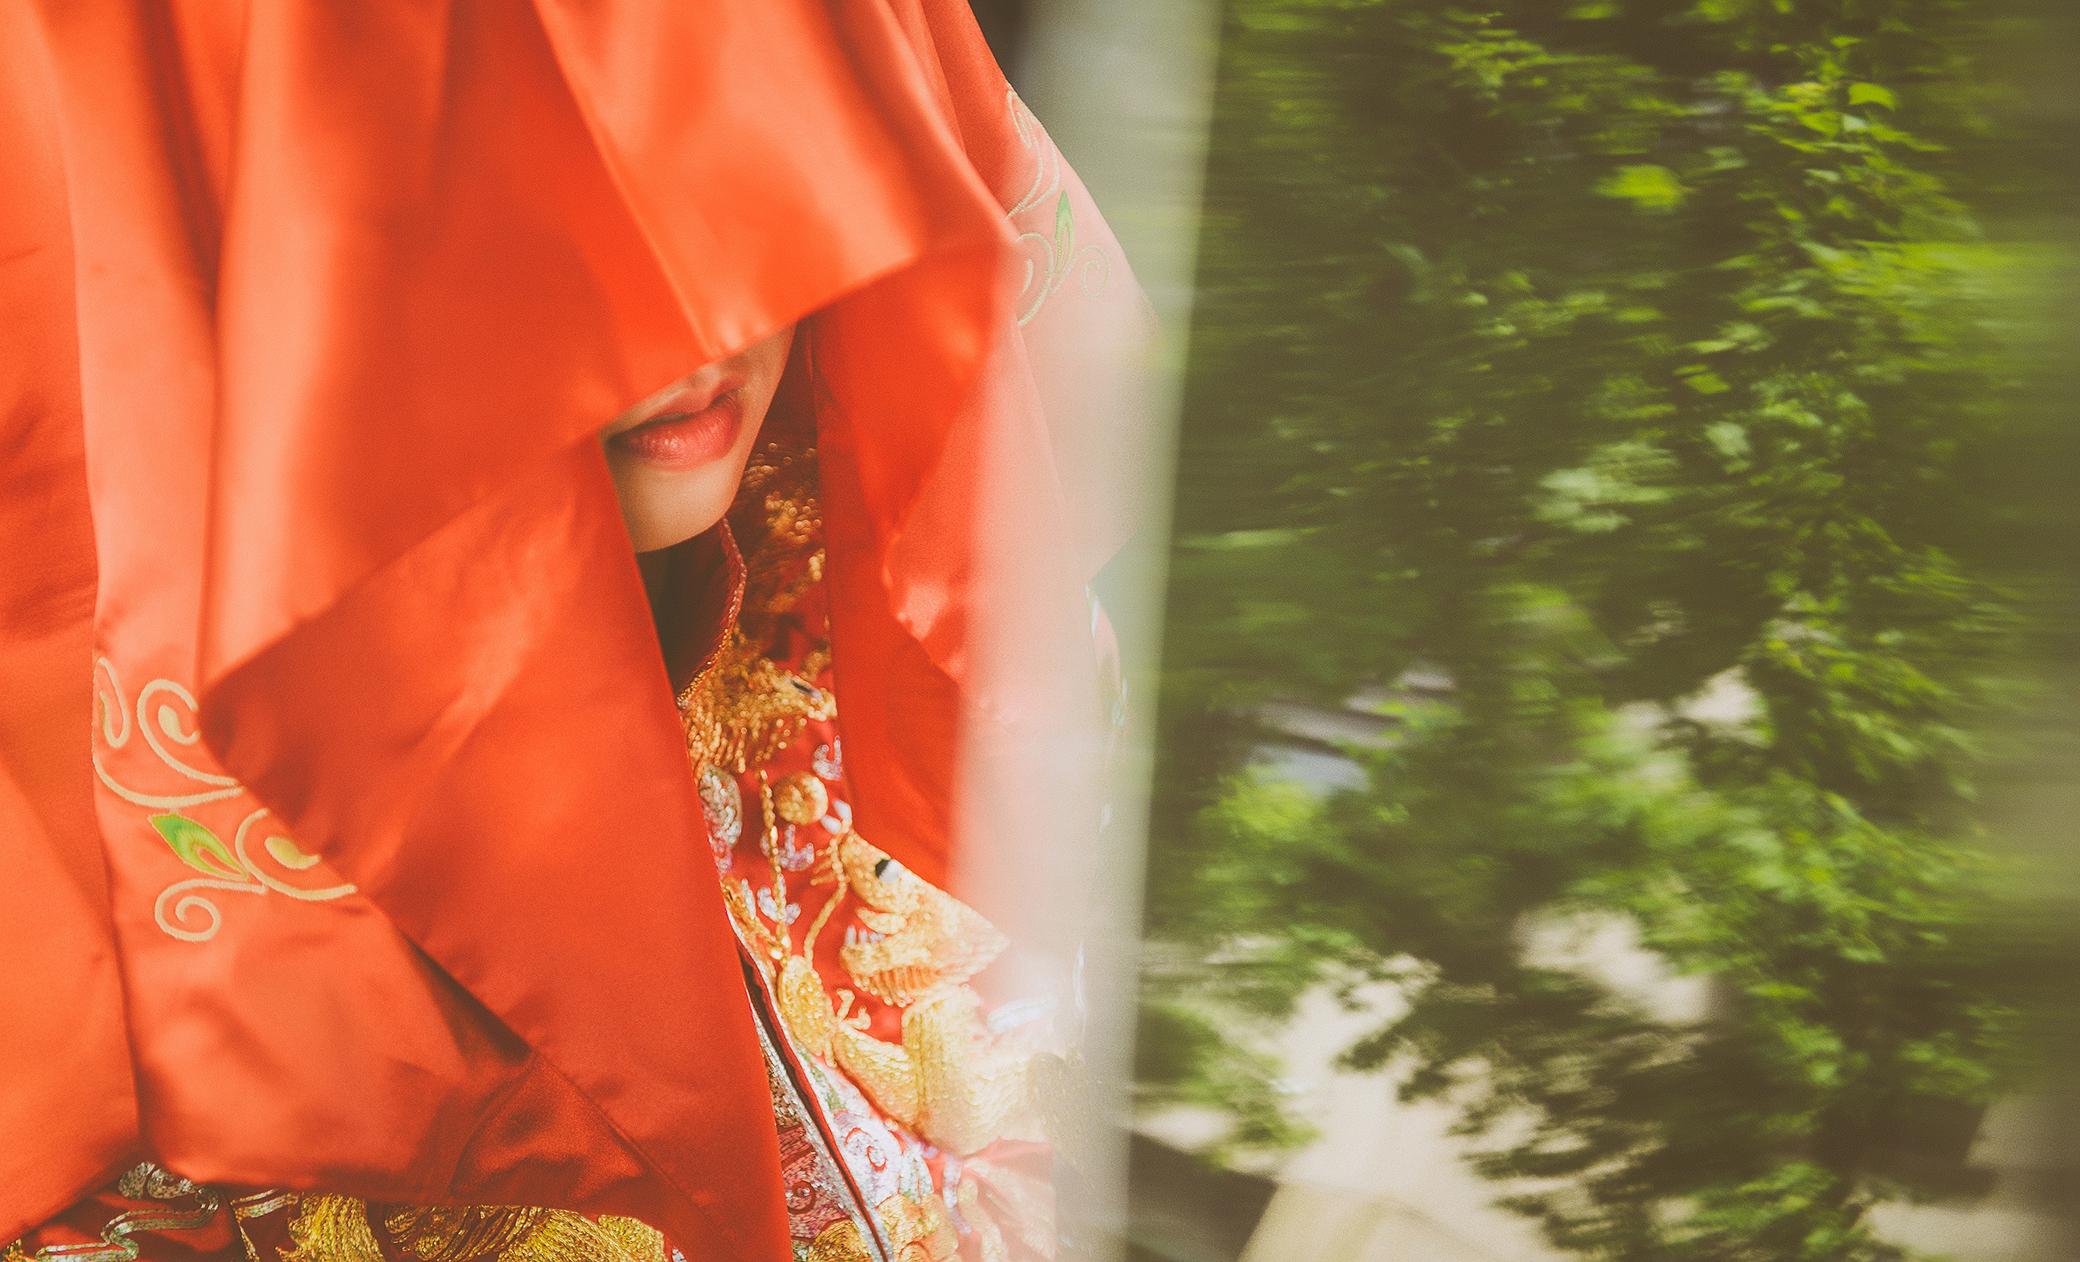 nickchang-wedding-%e5%af%92%e8%88%8d%e8%89%be%e9%ba%97-fineart-26